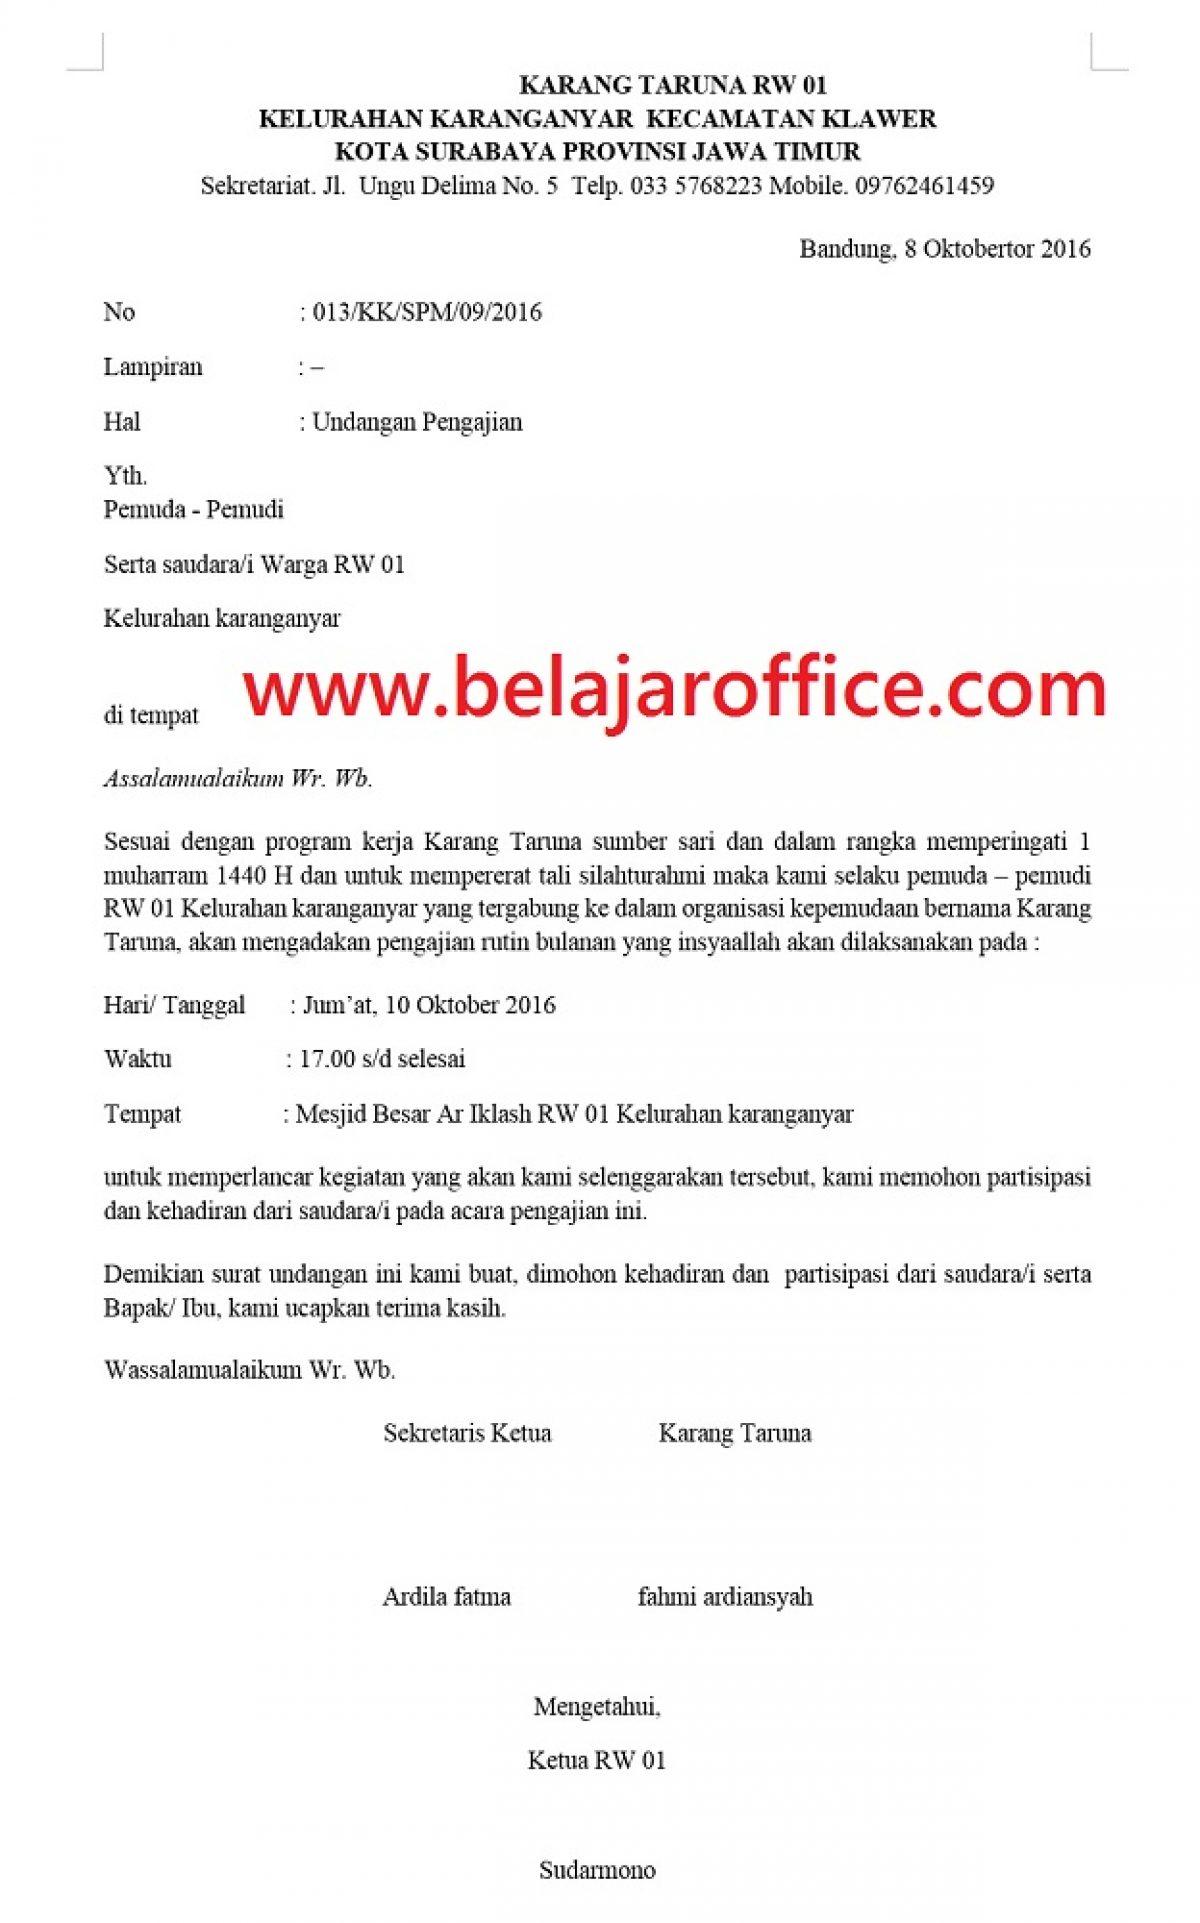 Contoh Surat Undangan Pengajian Rutin Belajar Office